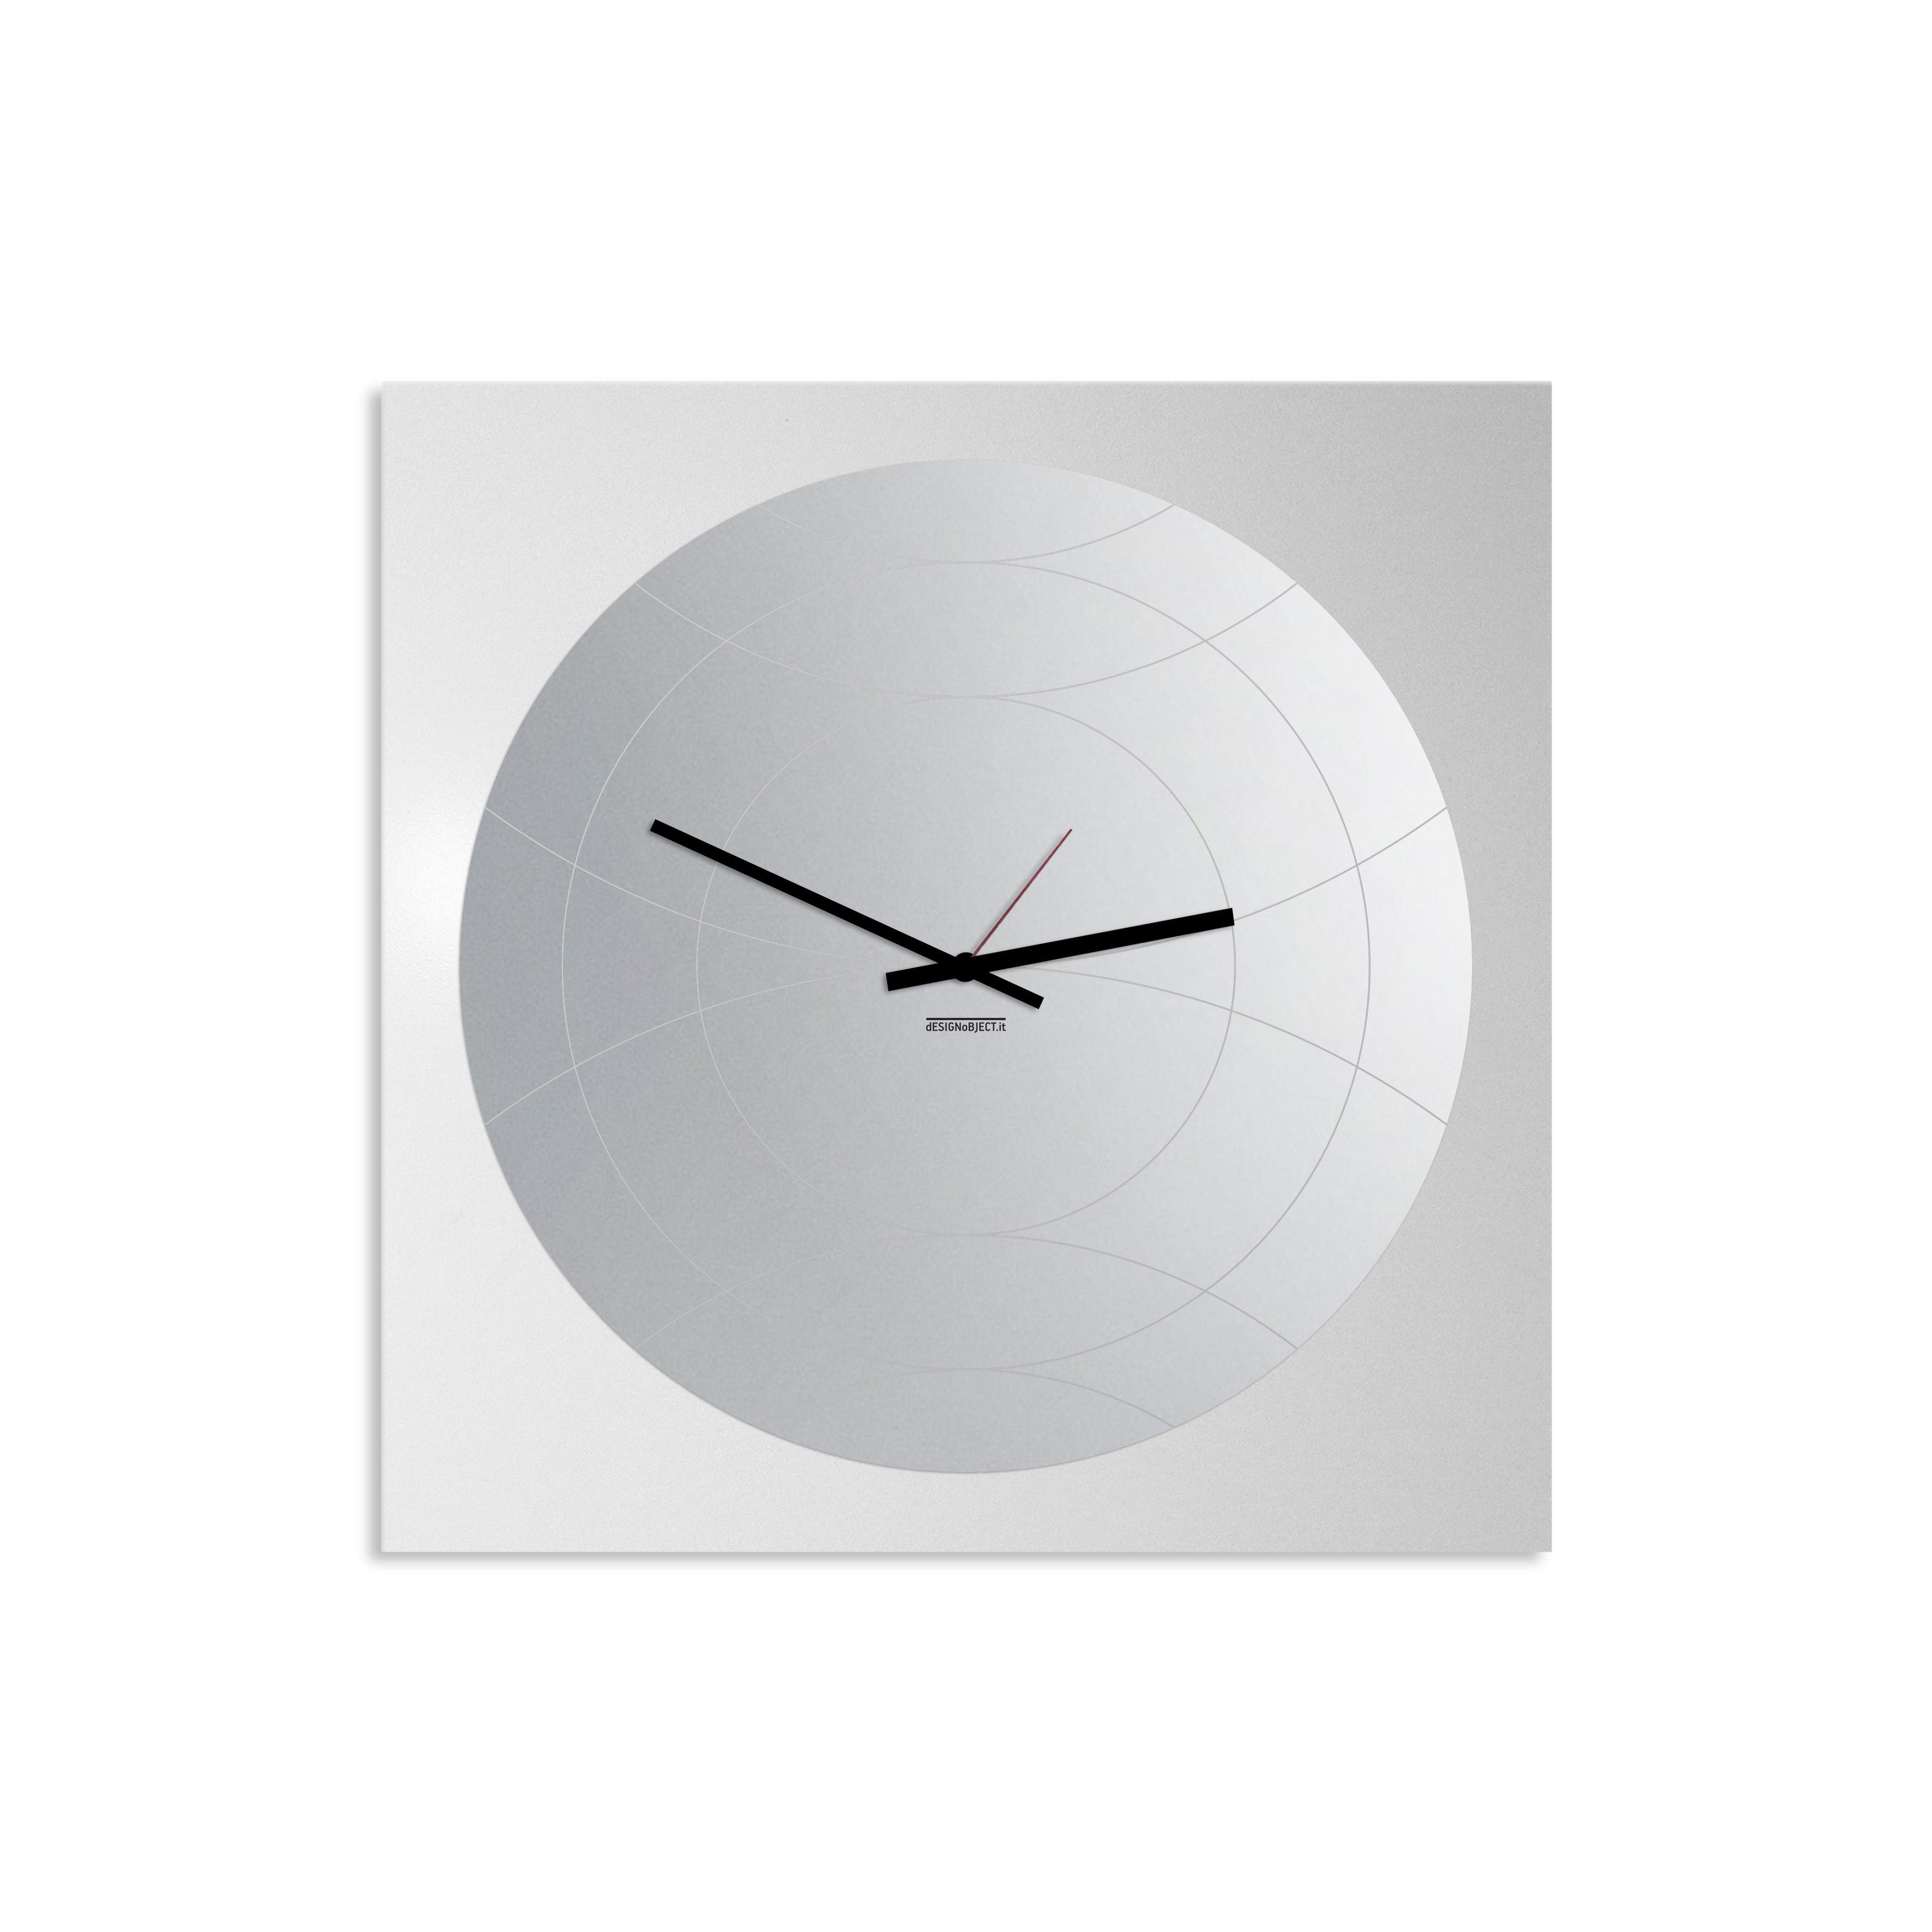 Orologio specchio di design designobject - Specchio di design ...